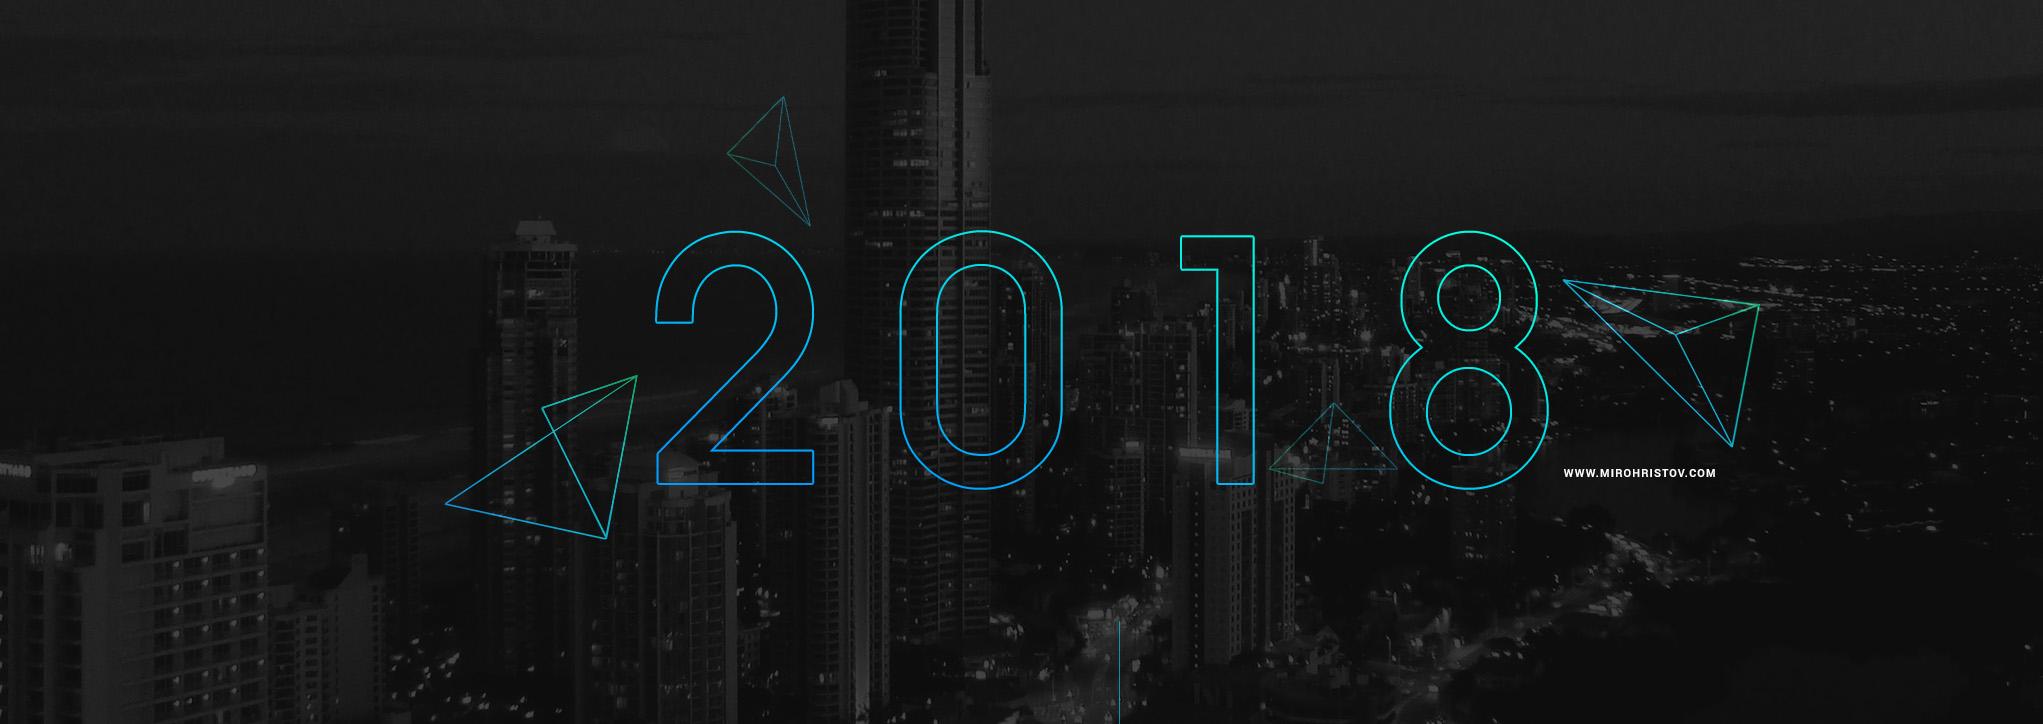 Web & UX Designer Portfolio of 2018